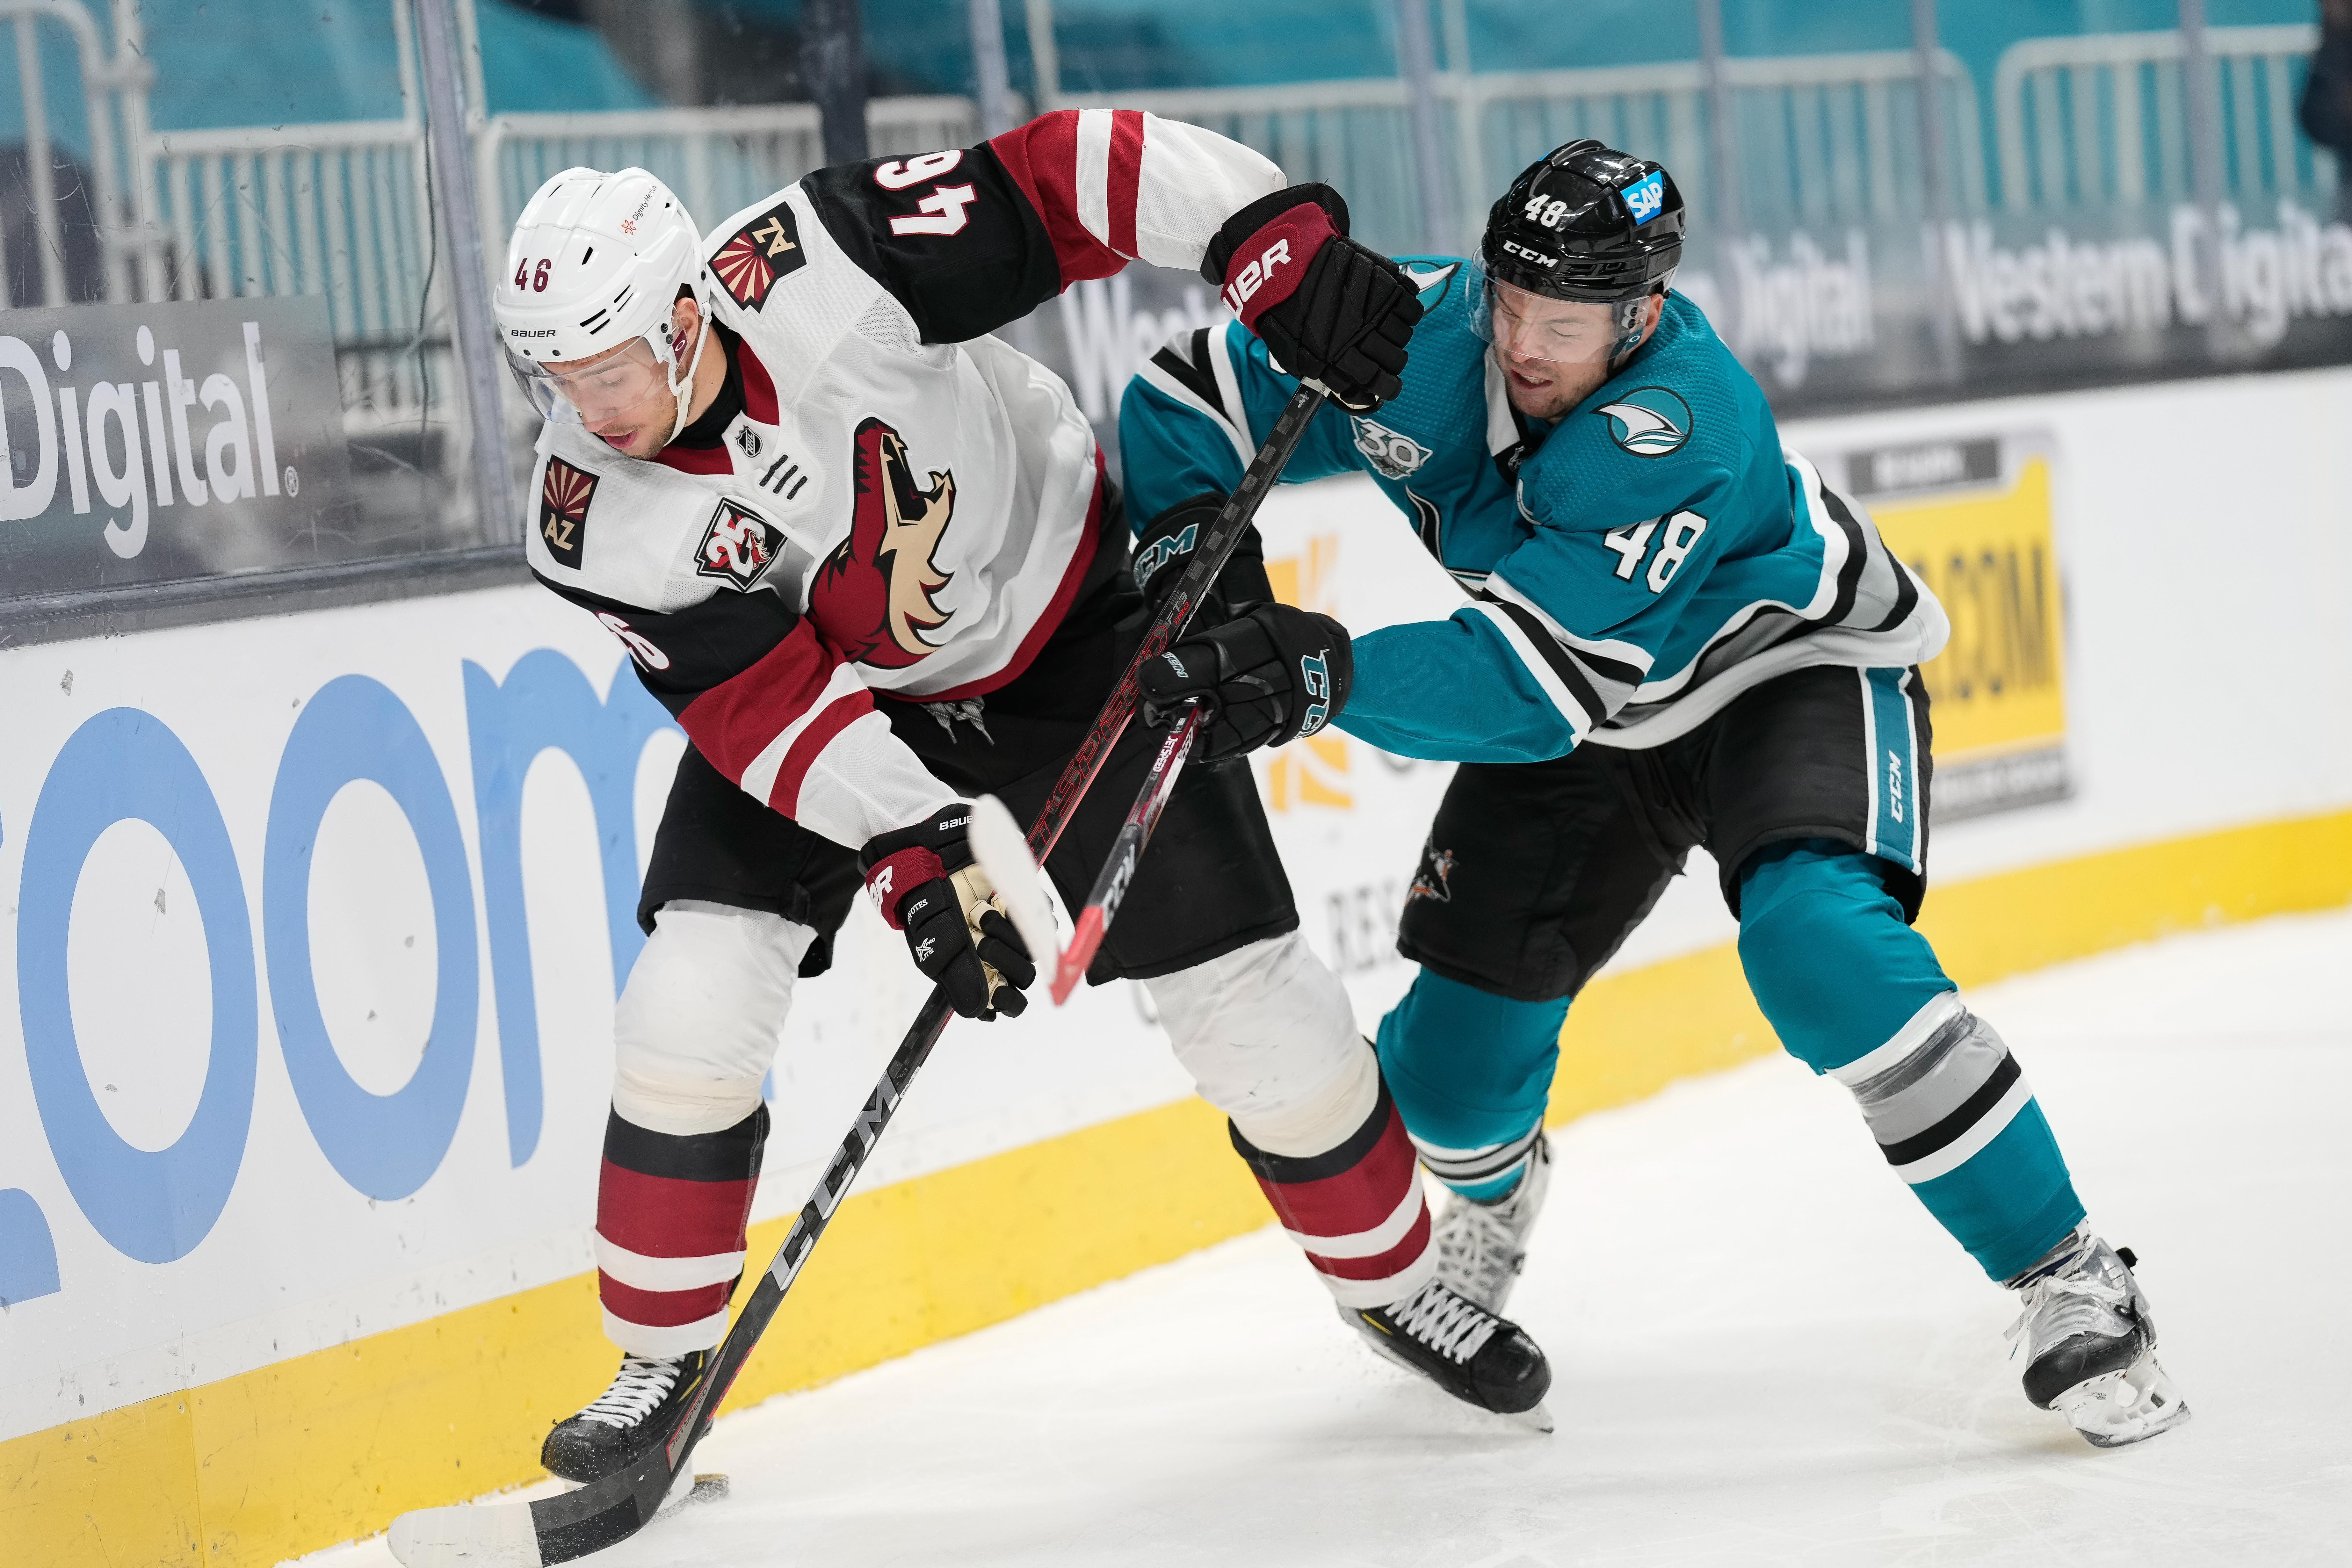 NHL: Arizona Coyotes at San Jose Sharks